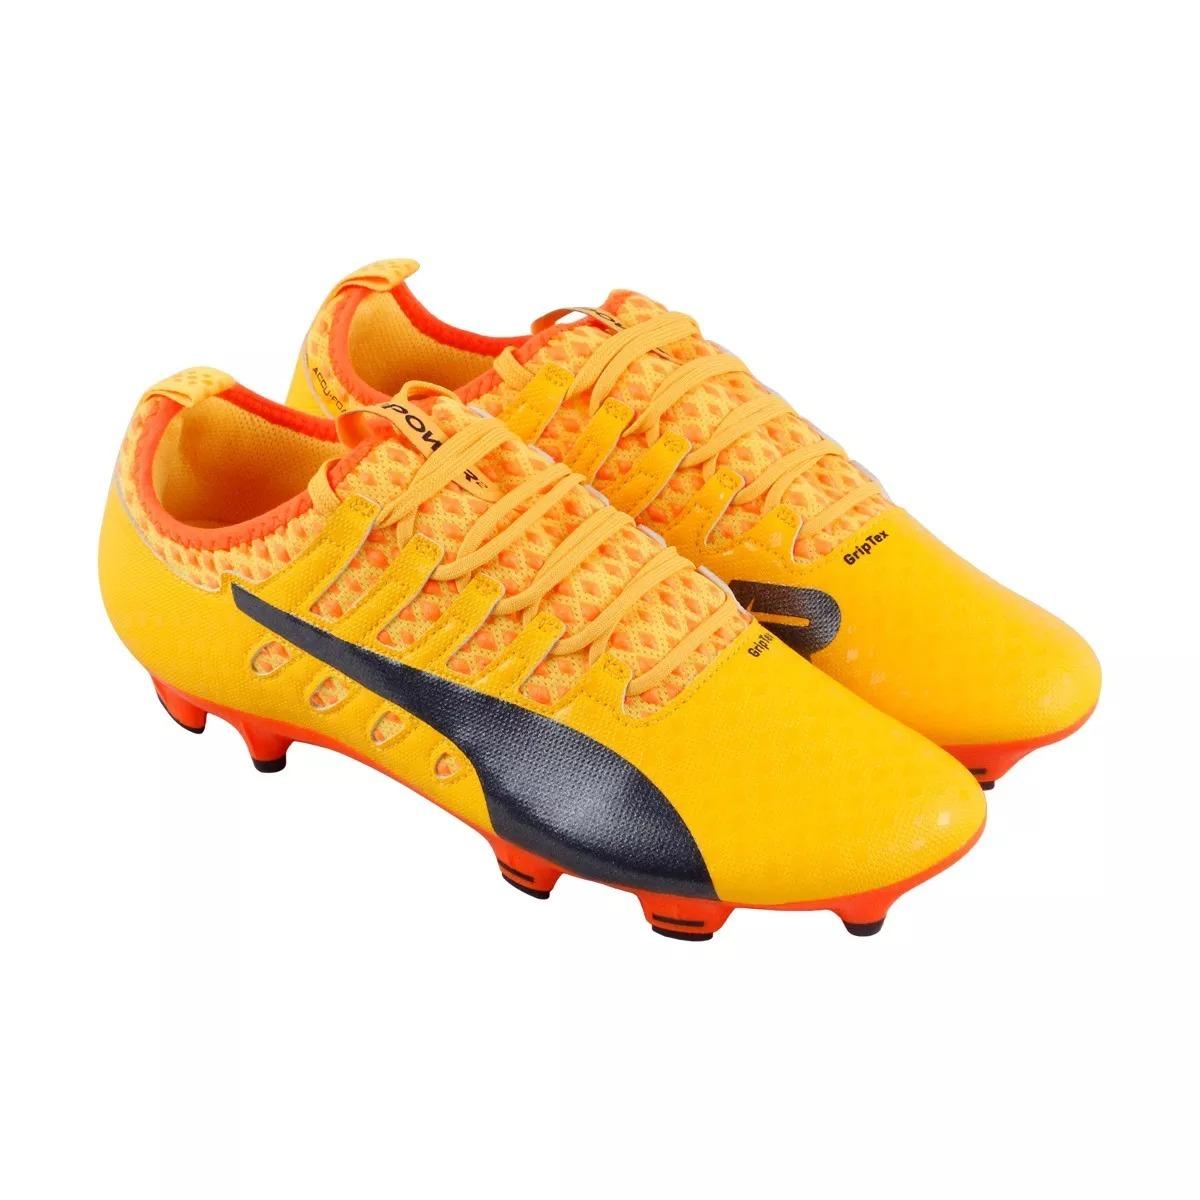 d6e3b650230ce zapatos puma de futbol evopower vigor 2 fg no. 10395404. Cargando zoom.